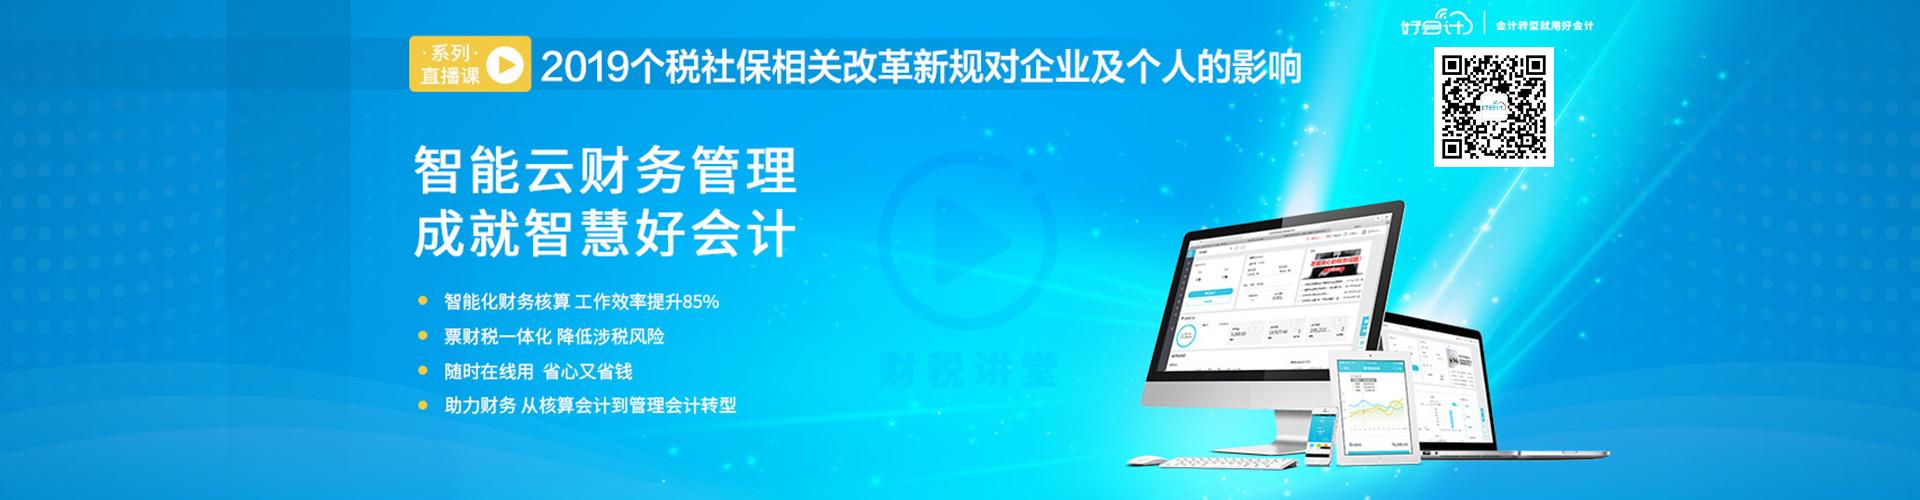 用友畅捷通好会计财务软件标准版免费试用版下载